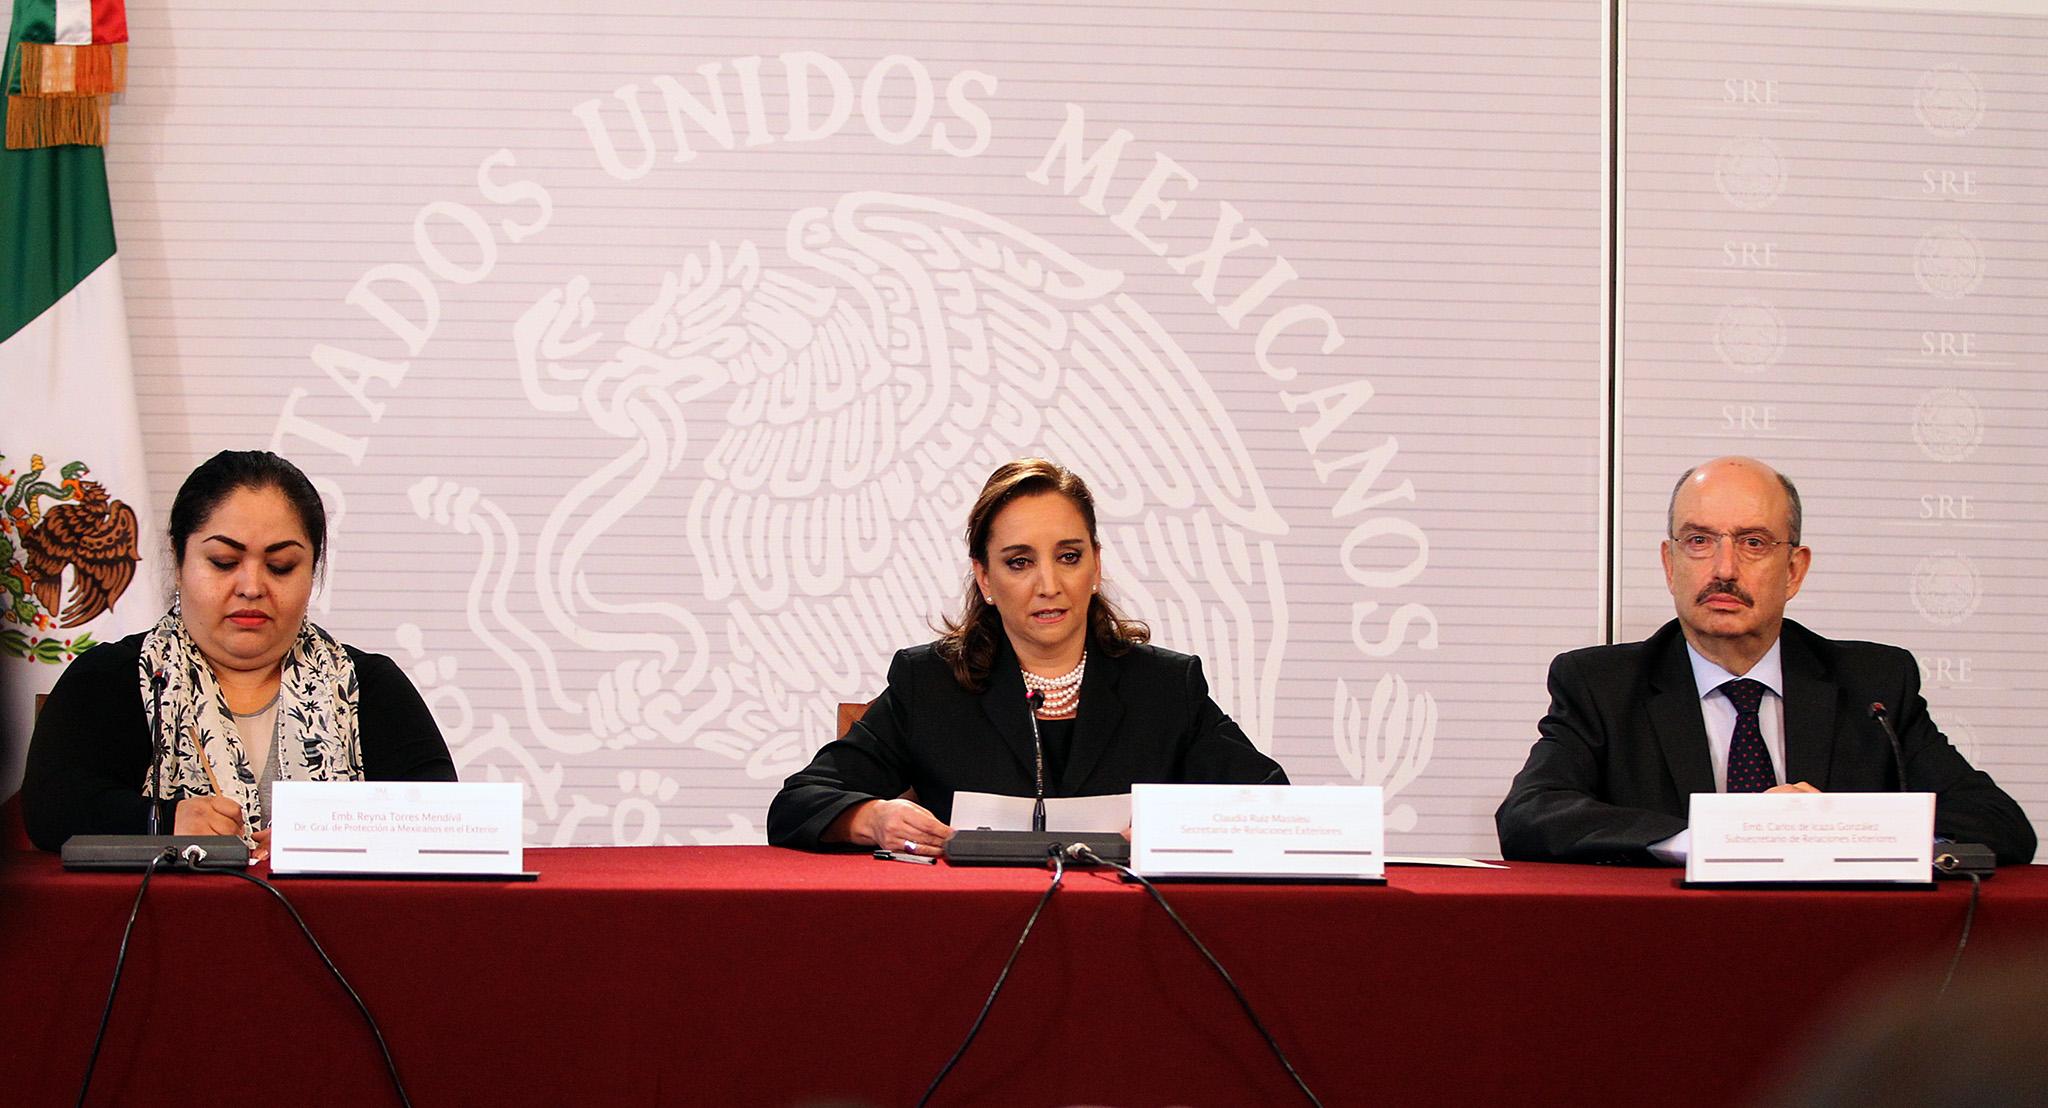 FOTO 2 Embajadora Reyna Torres  canciller Claudia Ruiz Massieu y el embajador Carlos de Icaza.jpg